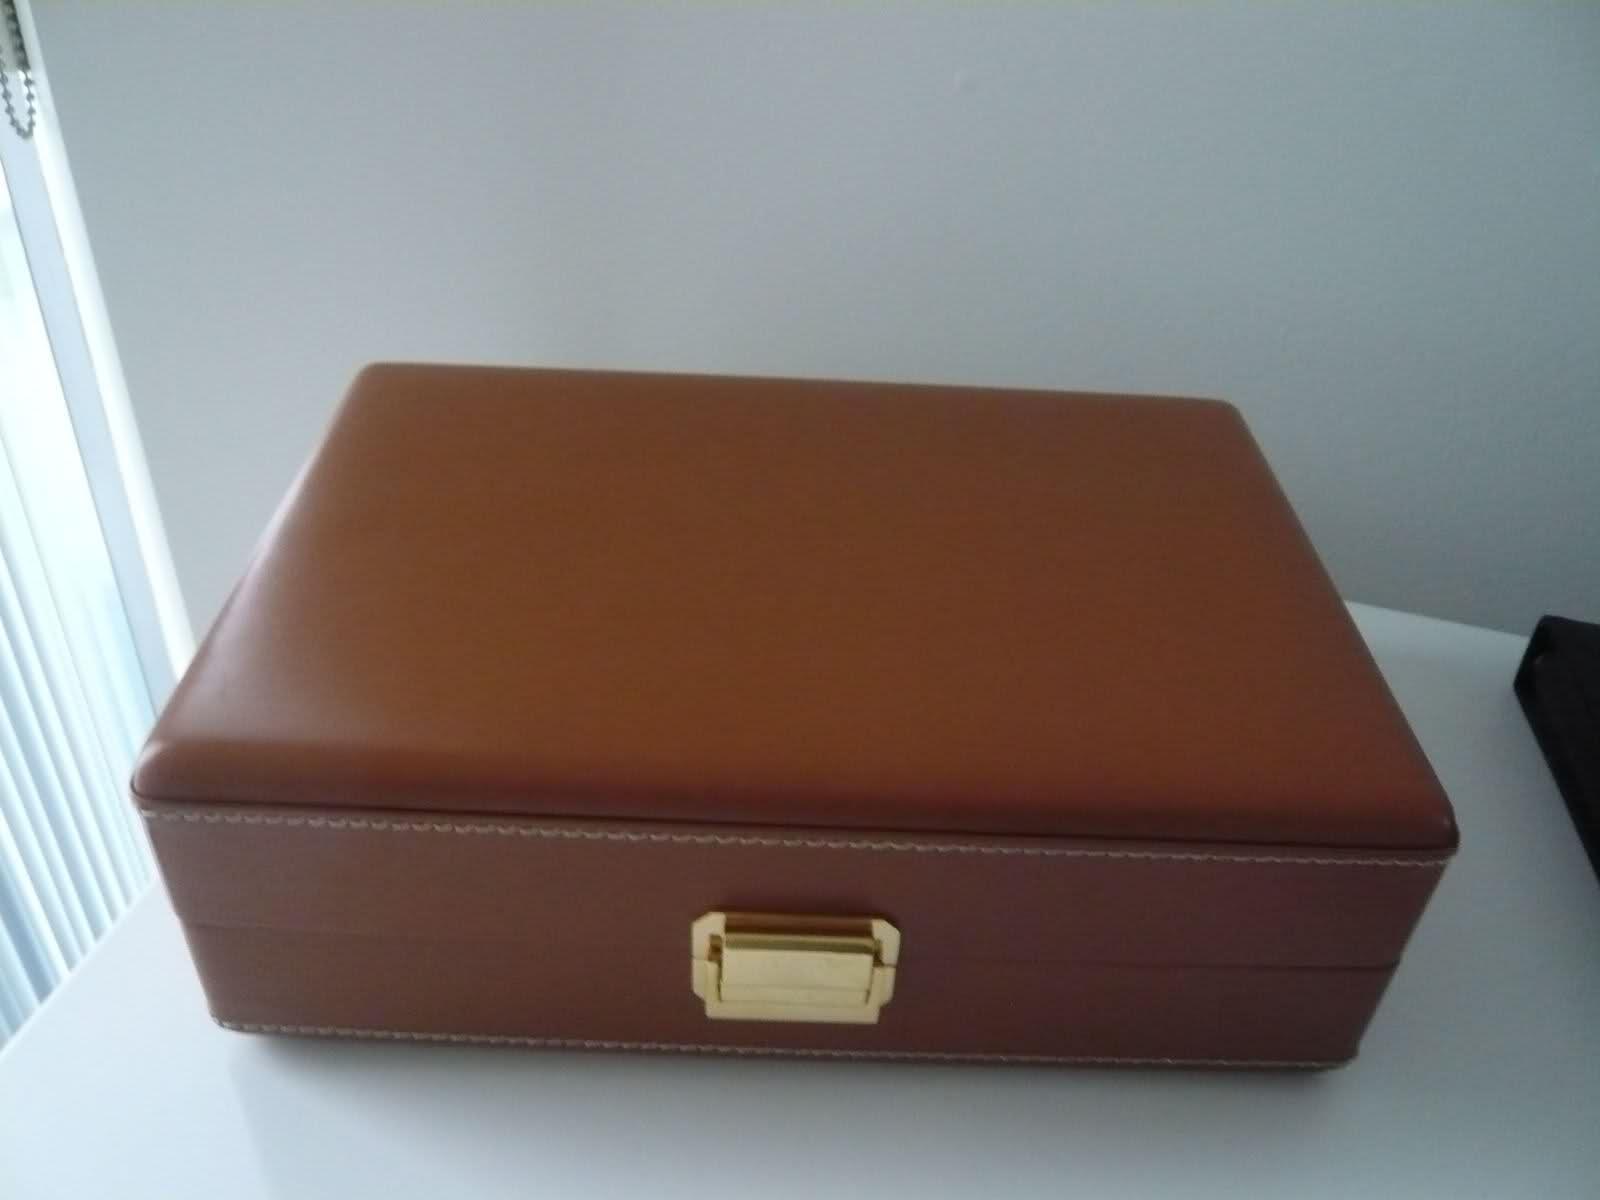 panerai -  [SUJET UNIQUE] écrin, boîte ou coffret pour ranger les montres... - Page 3 El1m5s